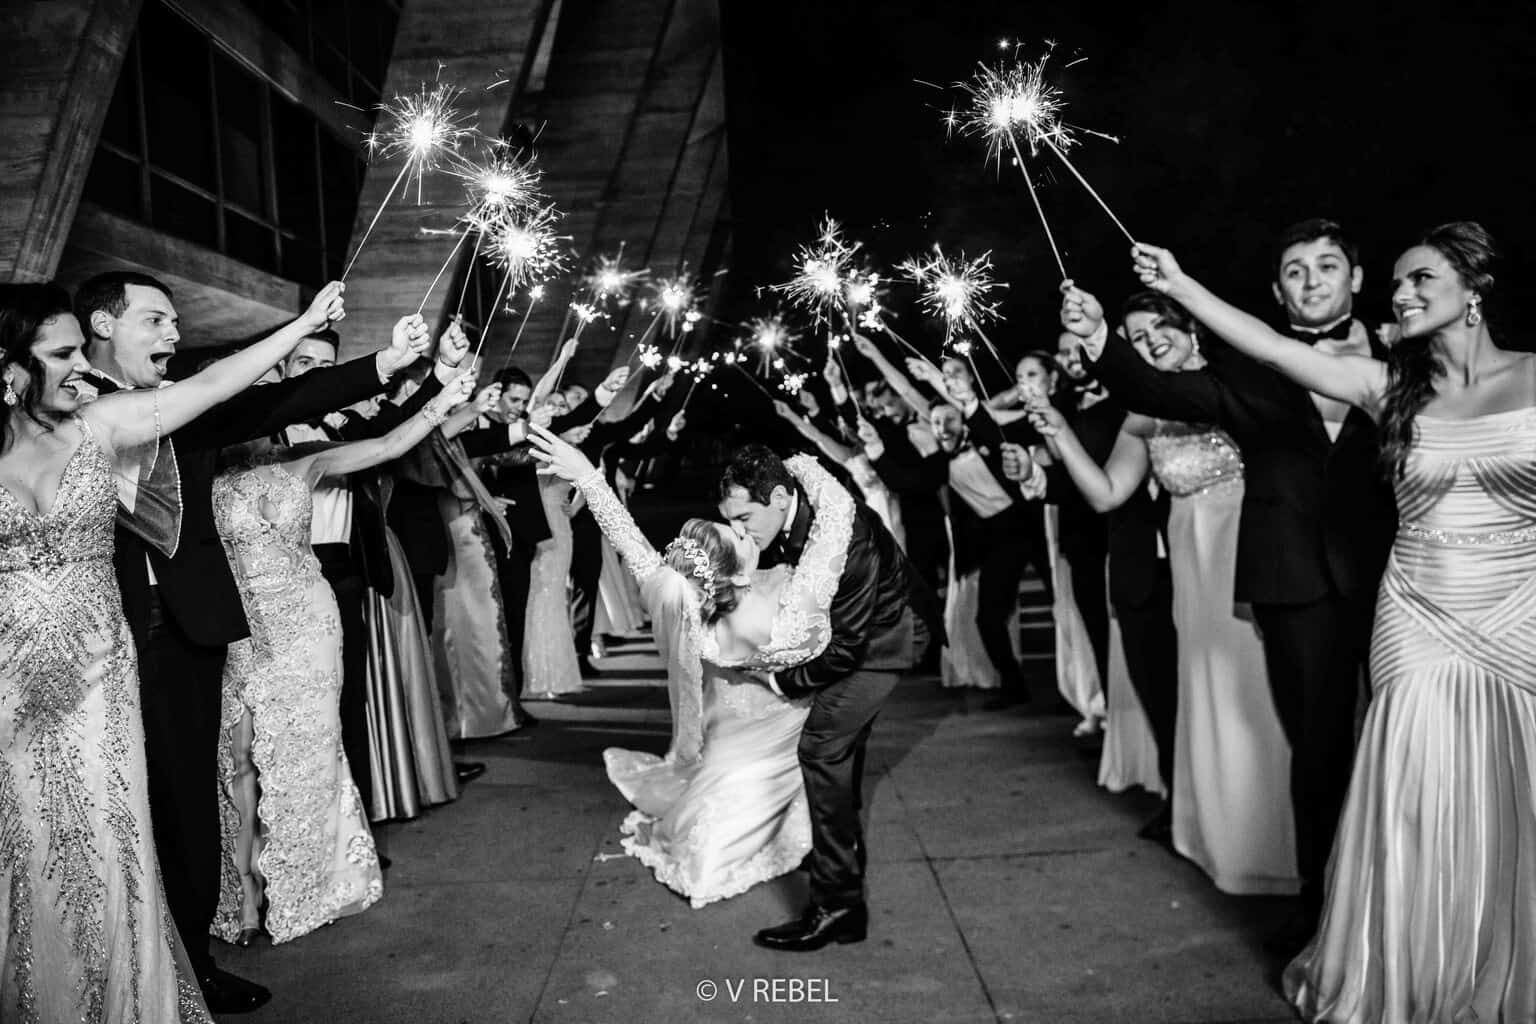 casamento-Caroline-e-Breno-casamento-clássico-entrada-dos-noivos-fotografia-VRebel-padrinhos79